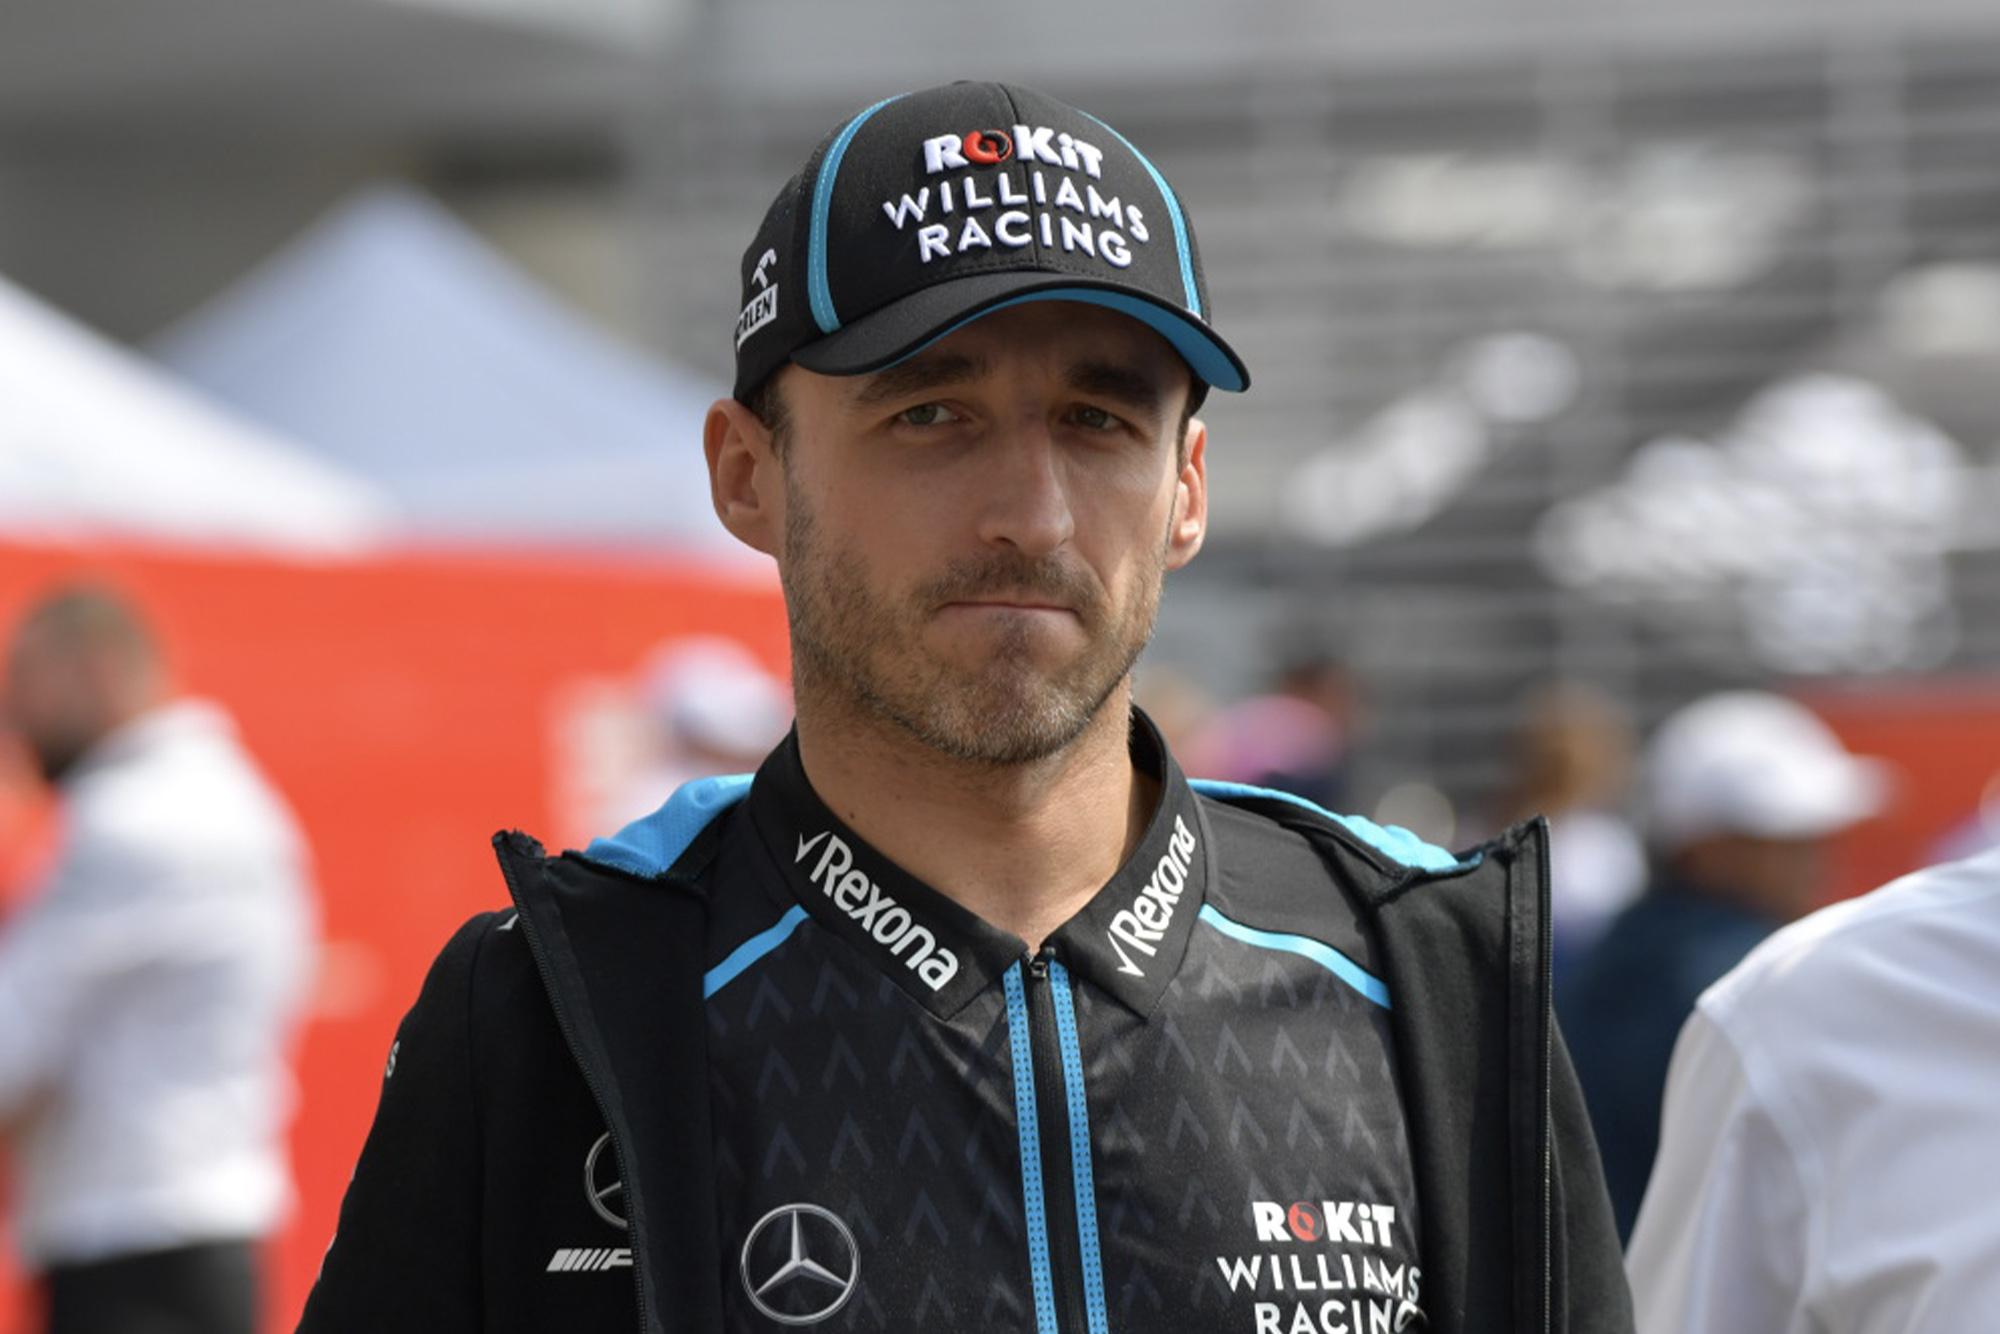 Robert Kubica will join Alfa Romeo in 2020